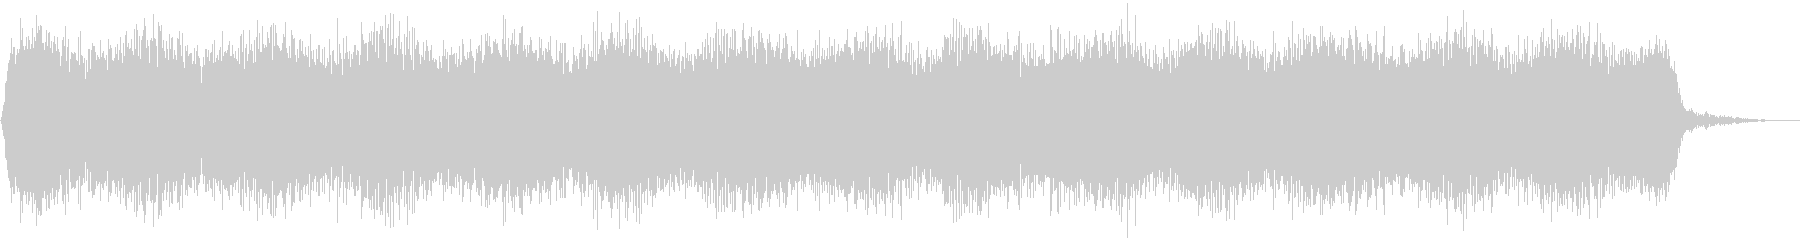 【アンビエント】ドローン_45 実験音の未再生の波形